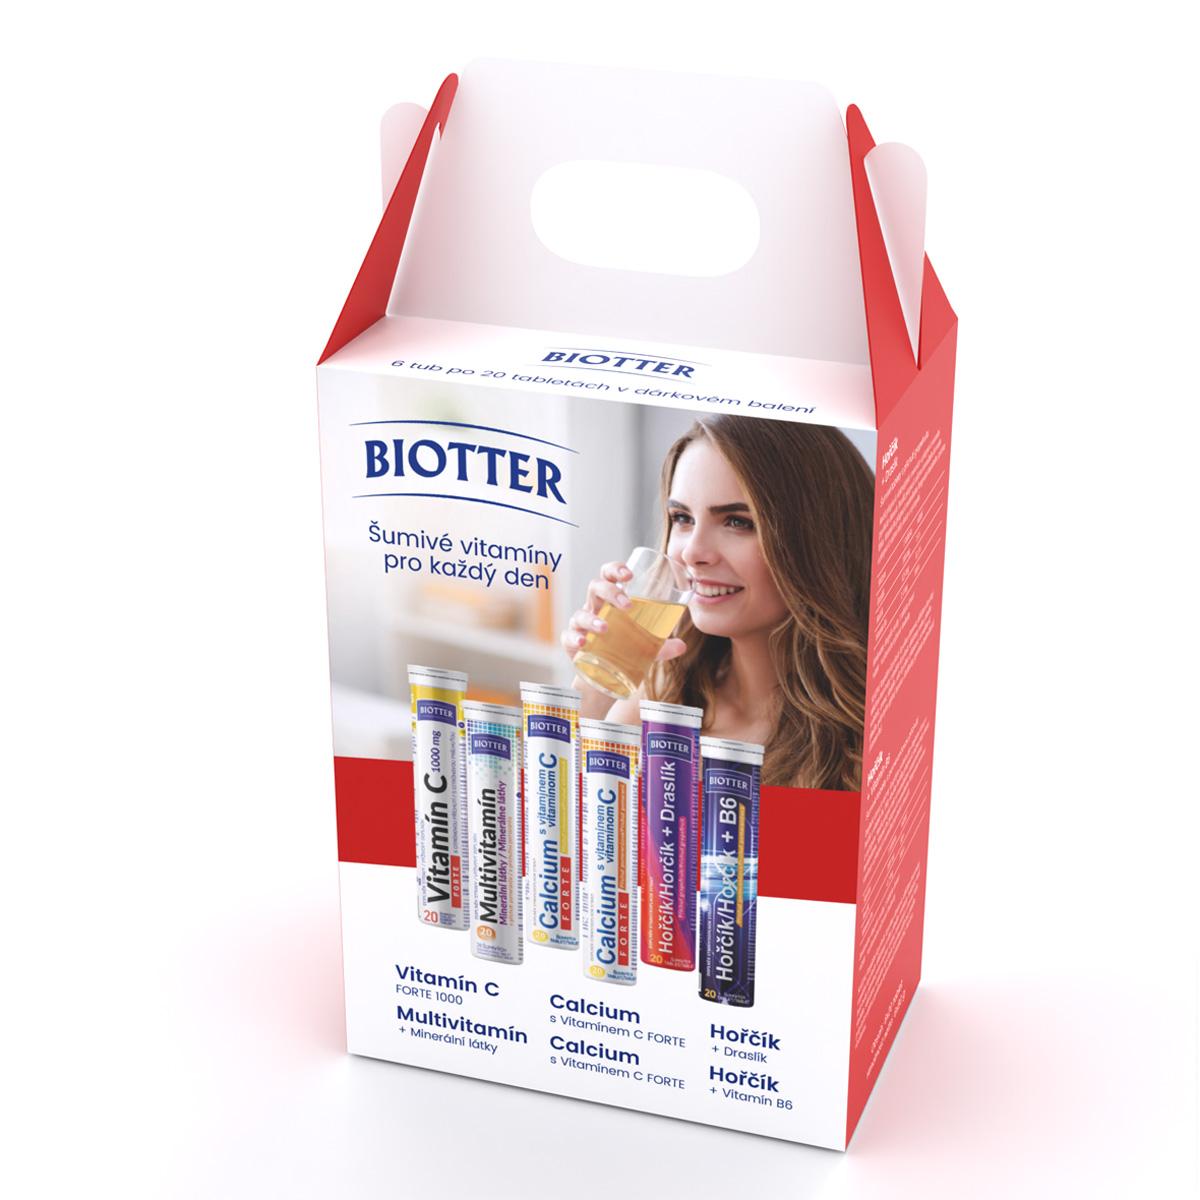 Biotter Šumivé vitamíny pro každý den 6 x 20 ks